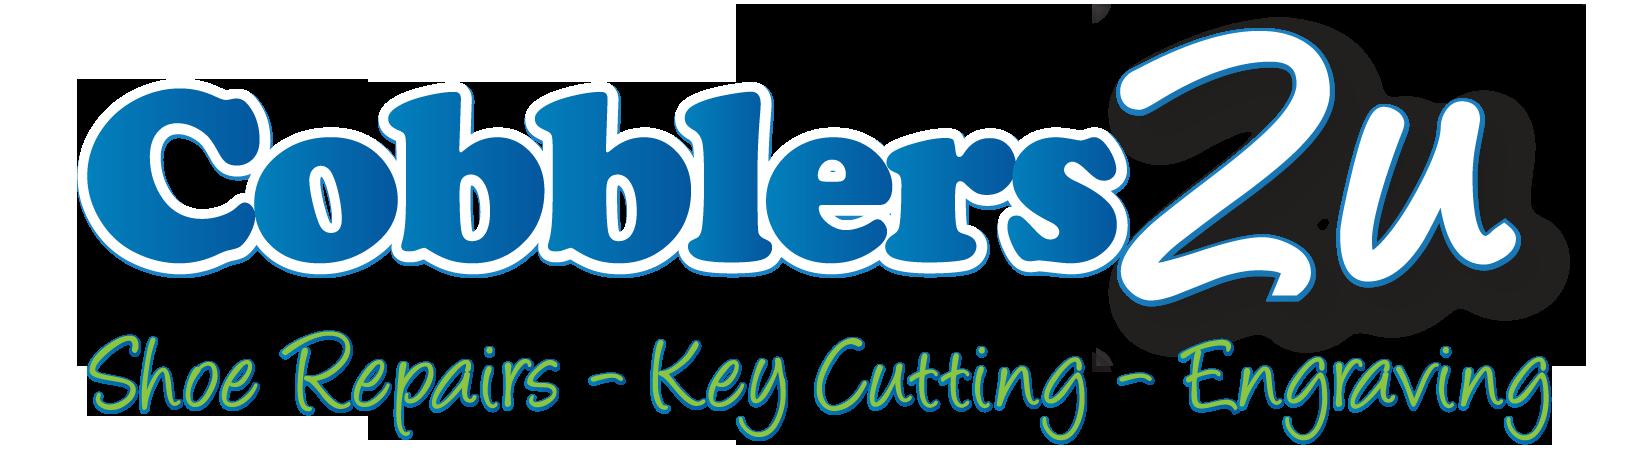 Cobblers2U